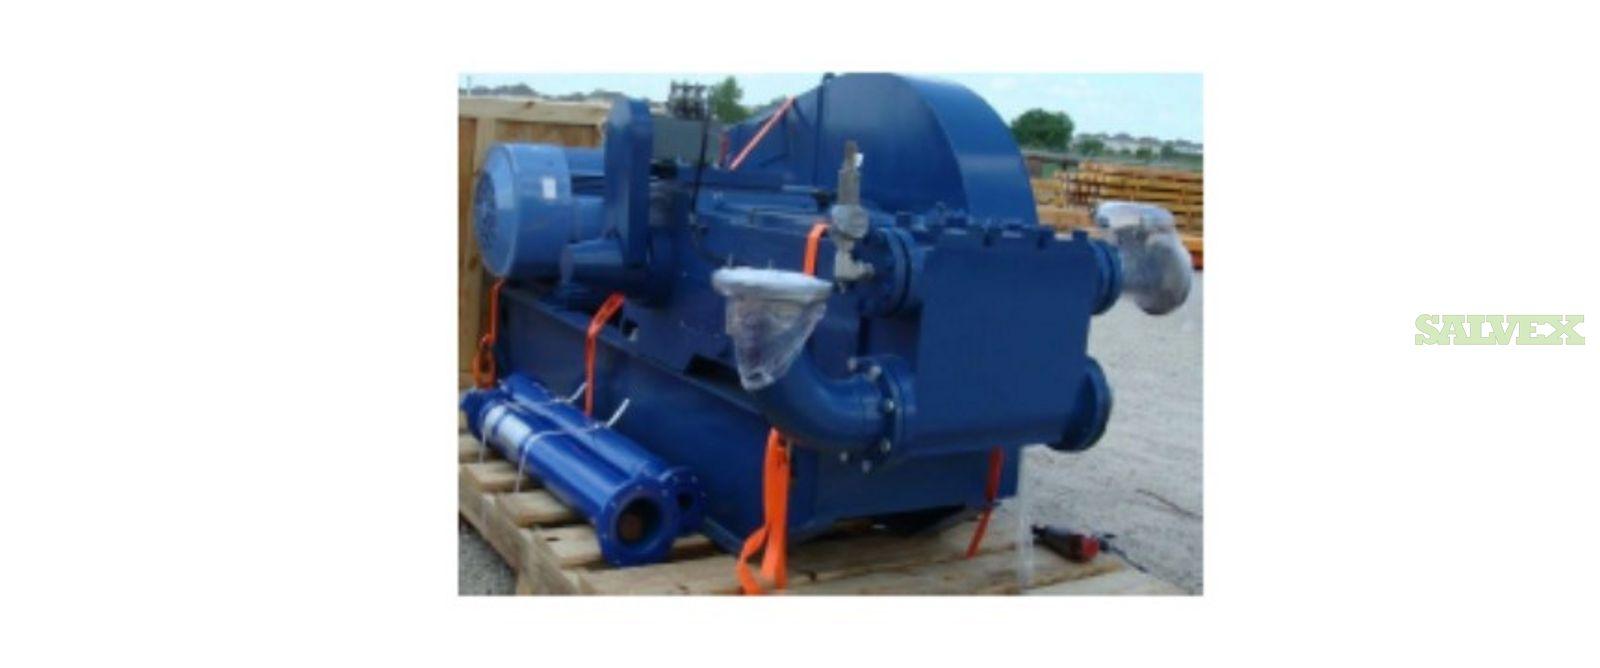 Novomet Triplex Pump 165 5S NVT (4 Units)